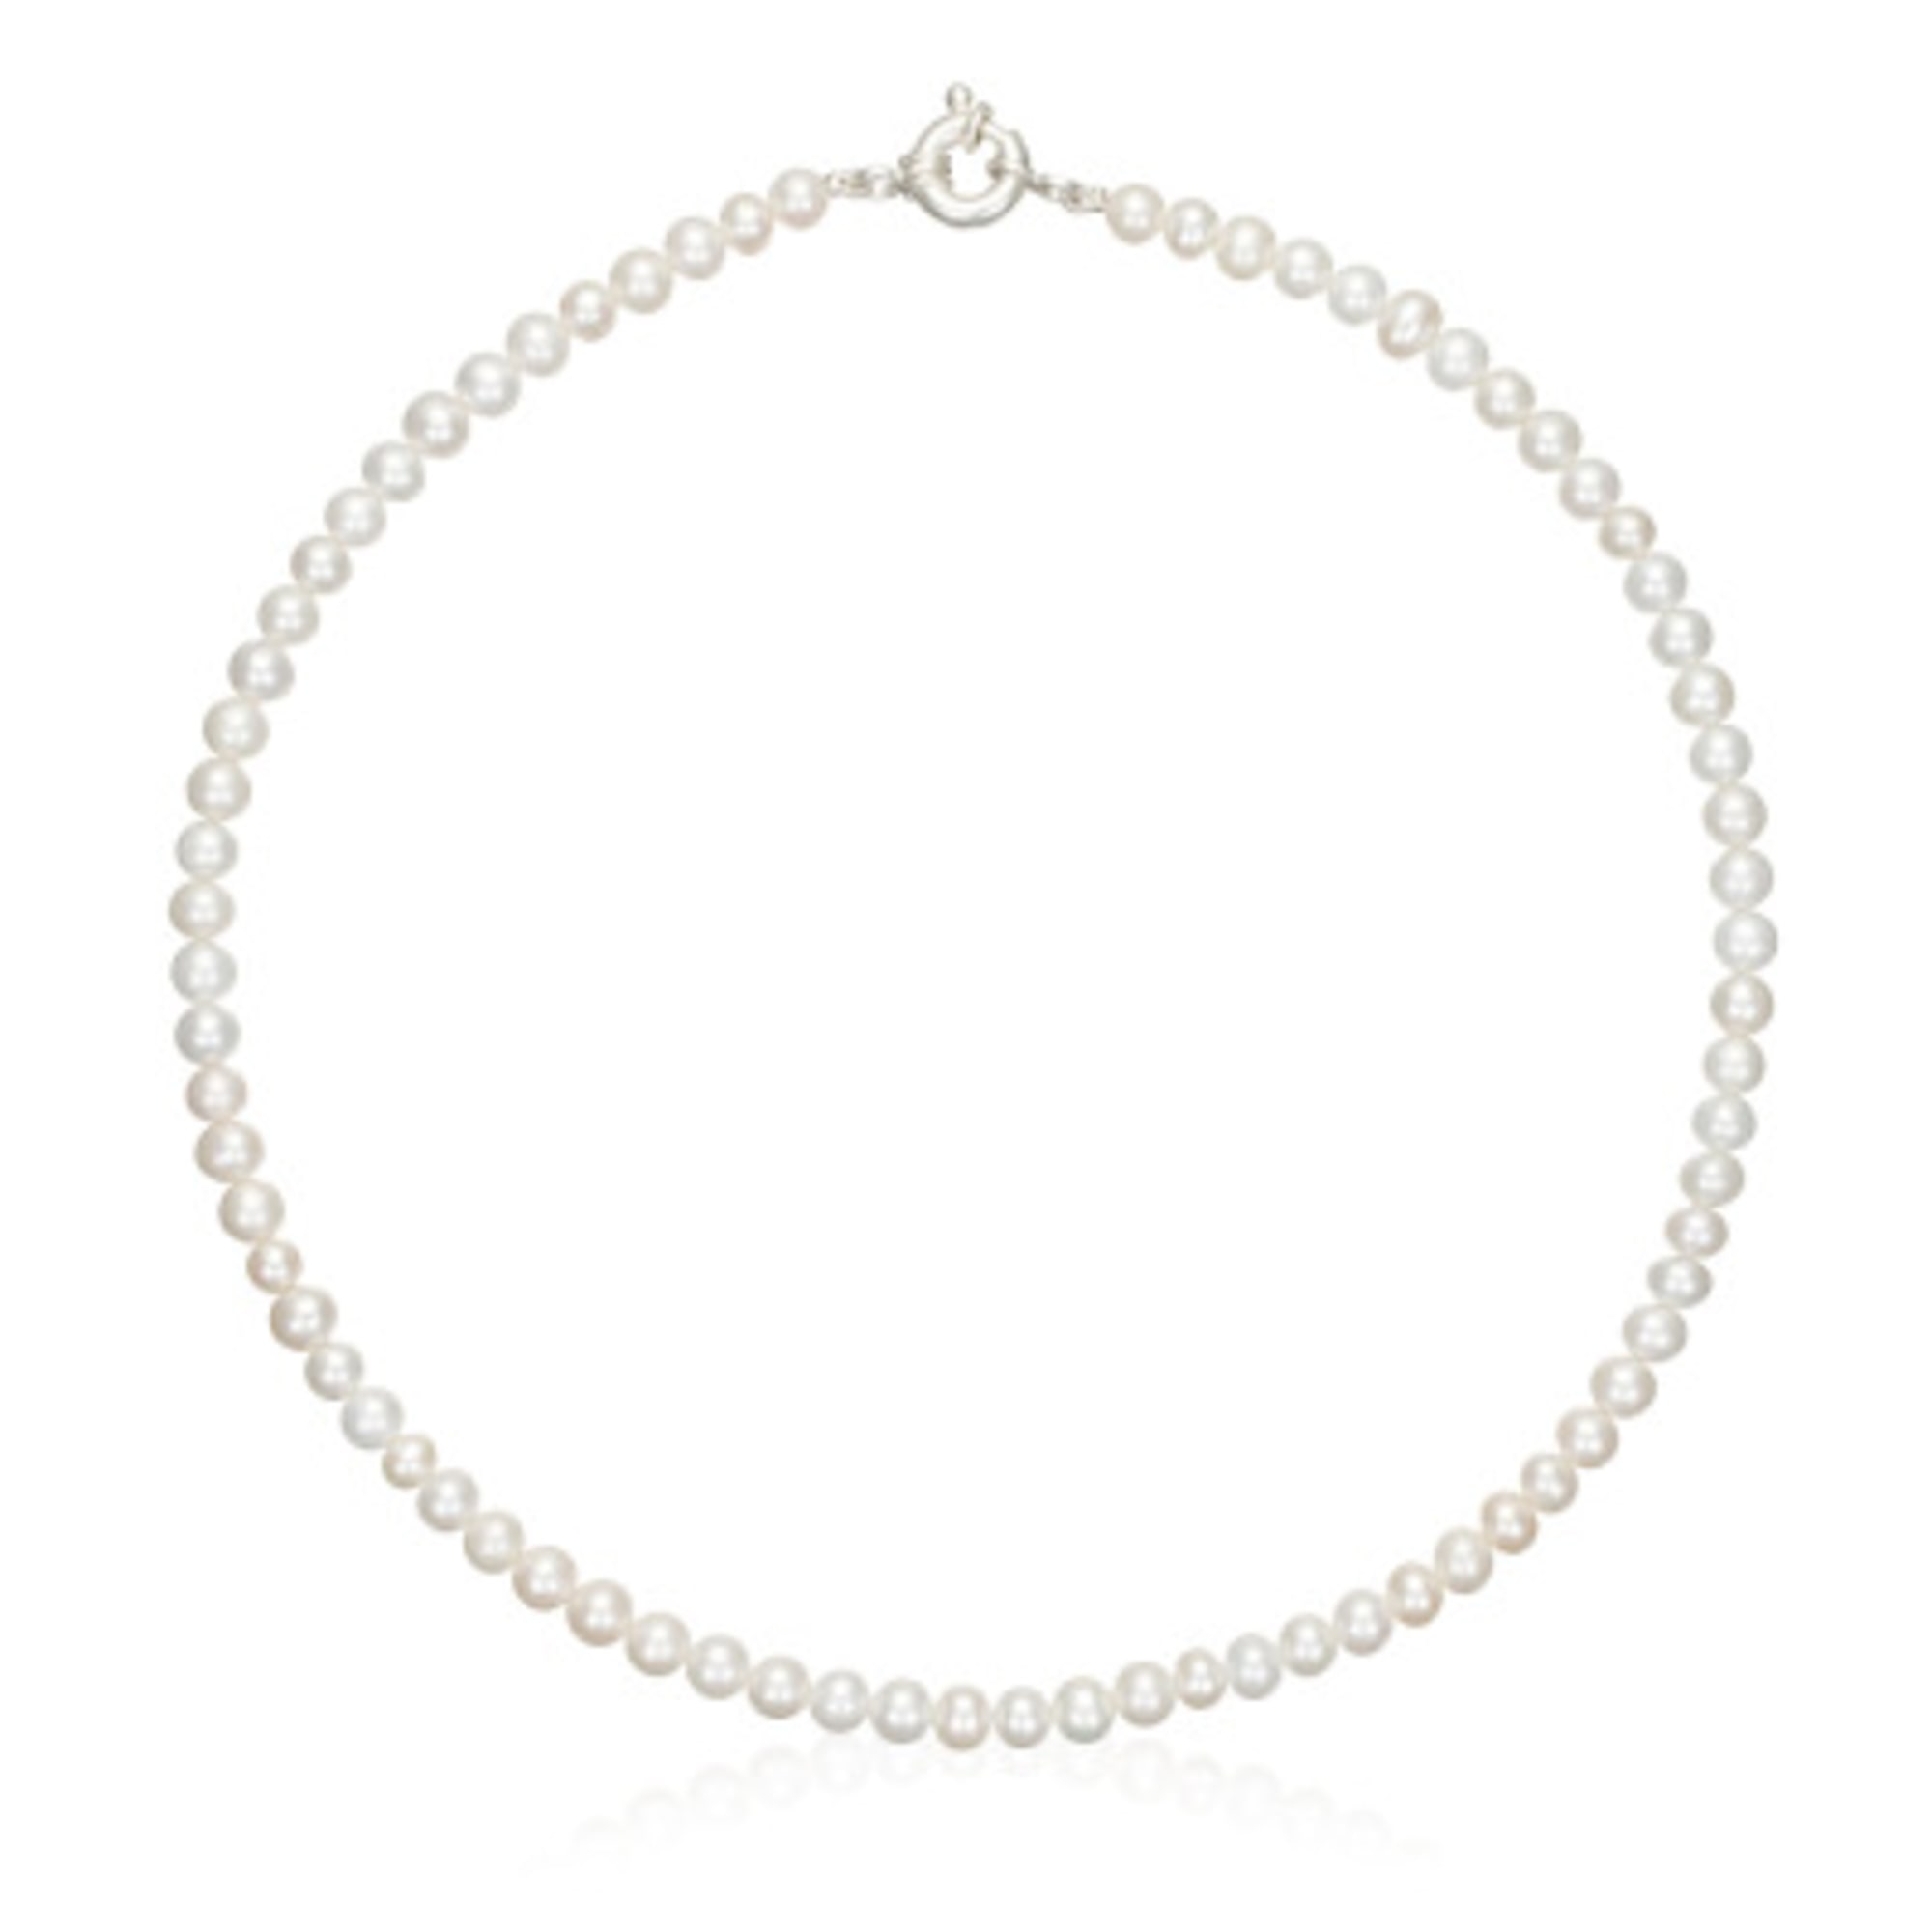 collier de perle saint germain